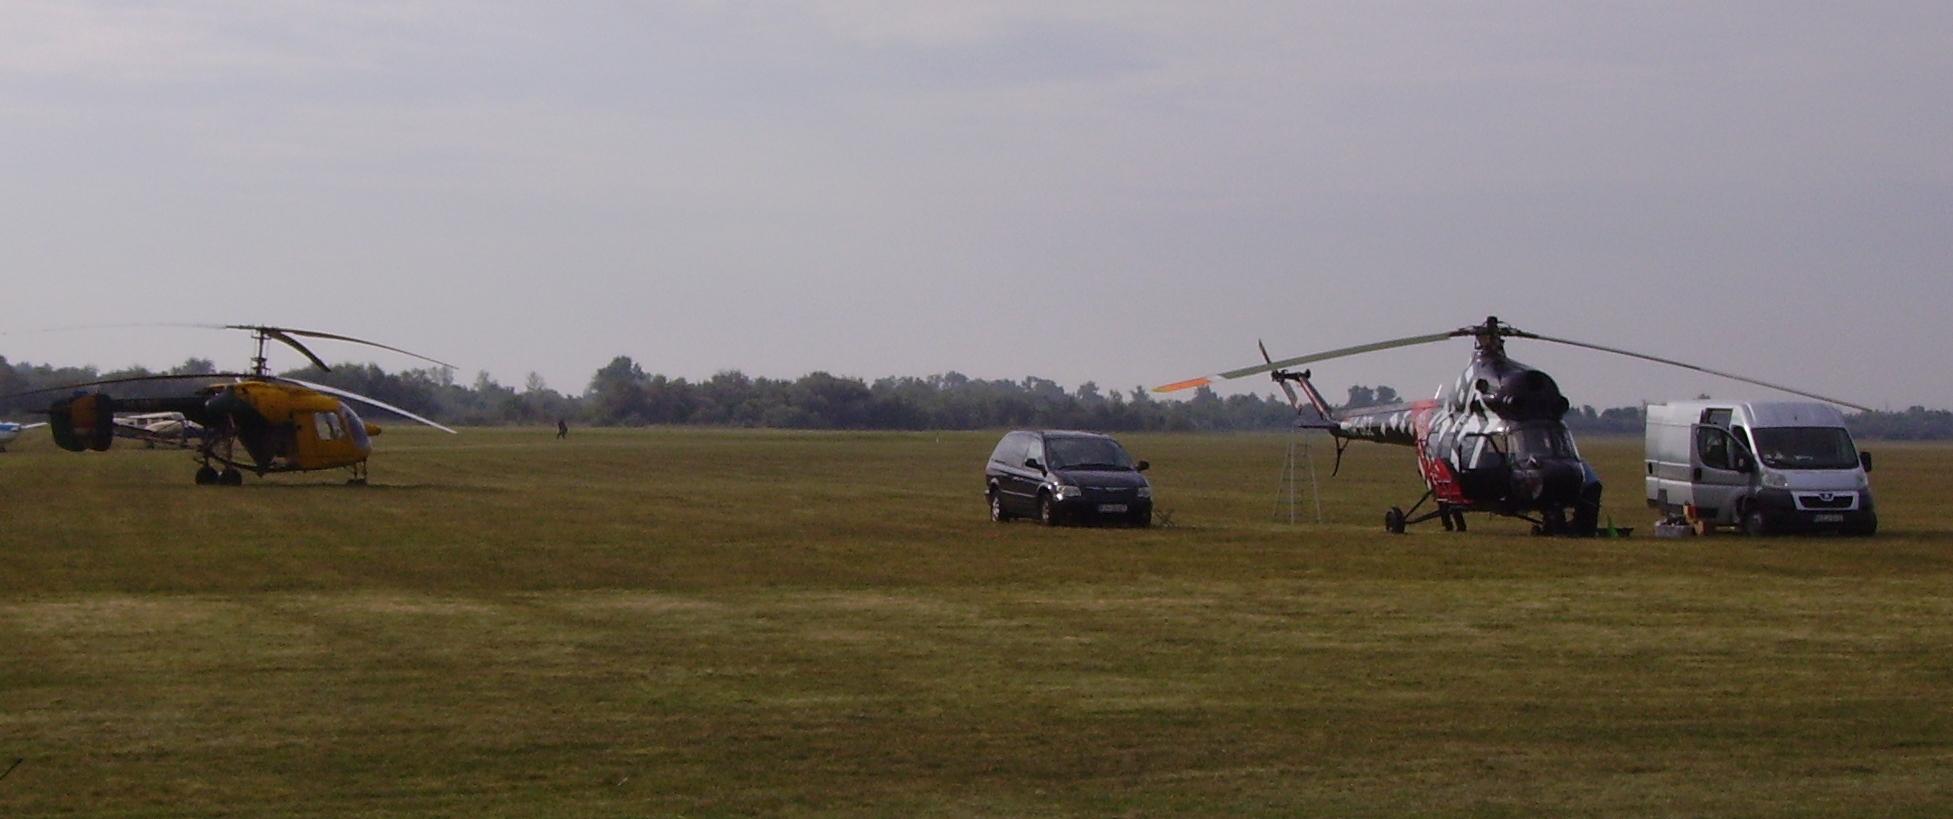 Kamov+Mi-2